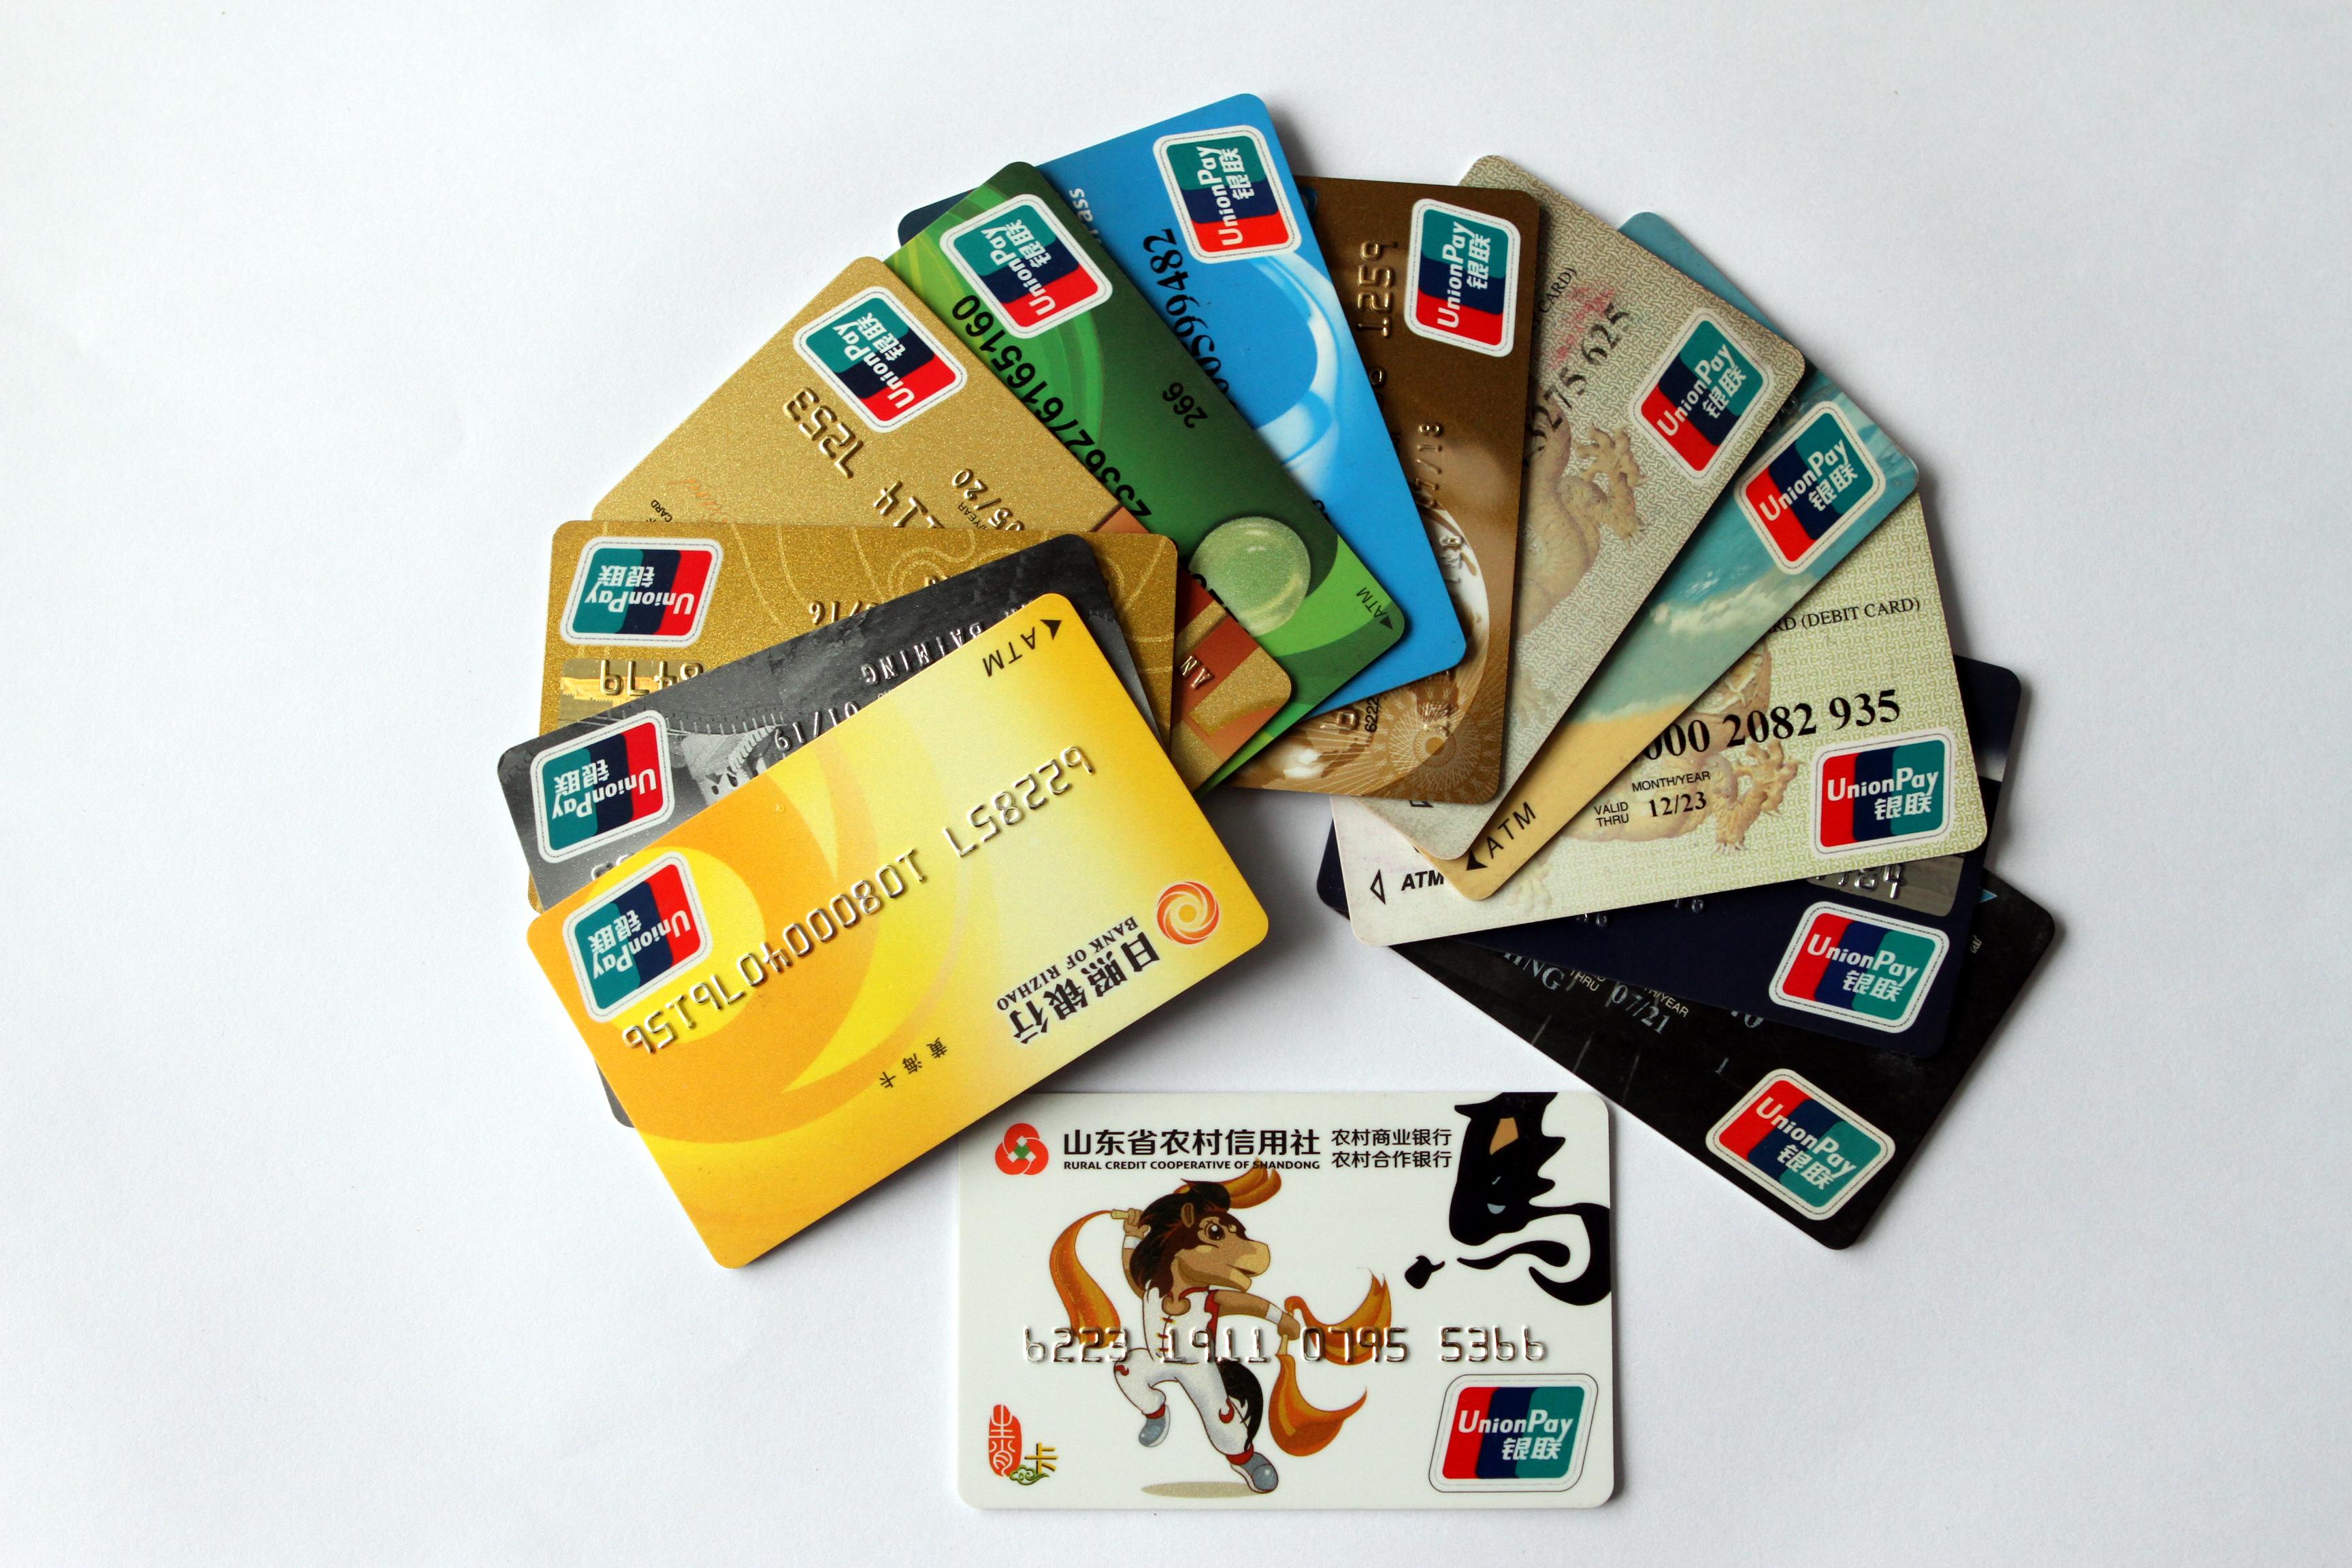 最值得养的10张信用卡 你手里有哪几张?